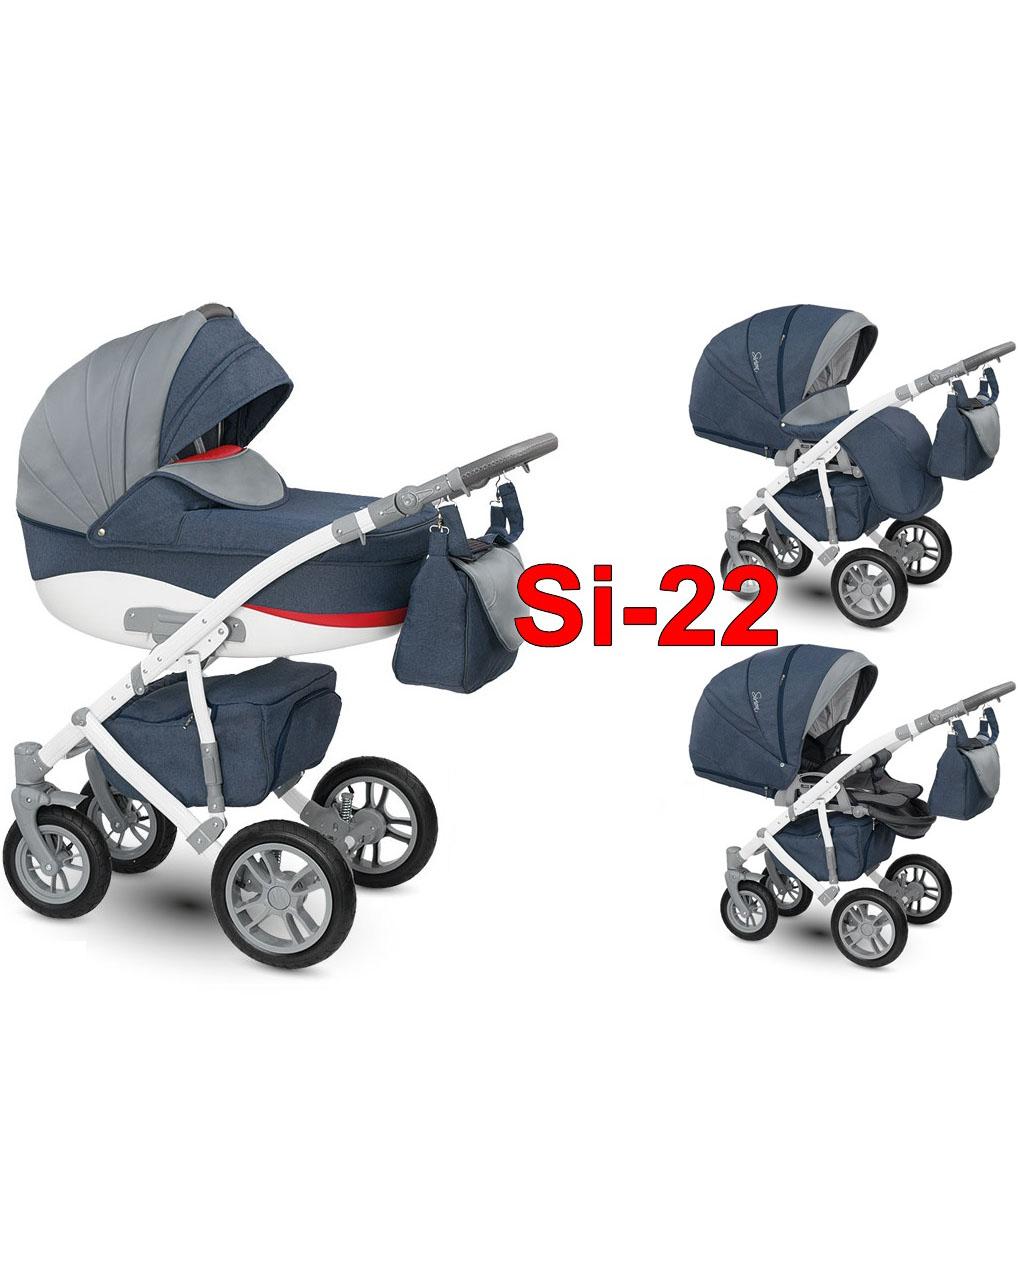 Детская коляска Camarelo Sirion 2 в 1 - Si-22